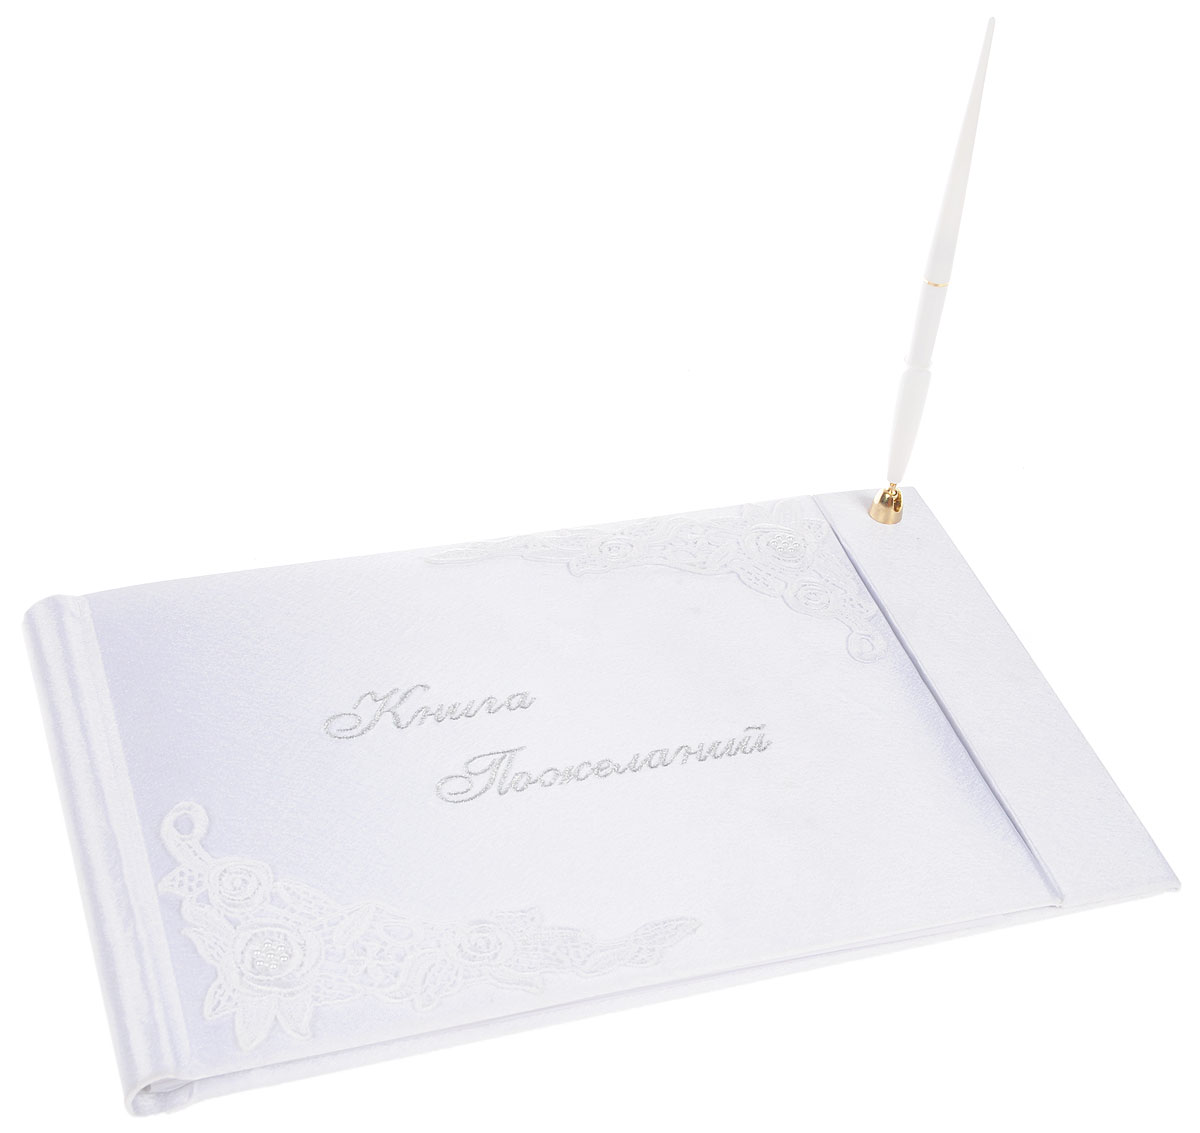 Книга пожеланий на свадьбу Bianco Sole, с ручкой, 29 х 20 см139352Книга пожеланий на свадьбу Bianco Sole прекрасно подойдет для записипожеланий и напутствий новобрачным.Книга вручную обтянута белоснежным матовым атласом, украшена красивойаппликацией с изображением цветов. Надпись на обложке Книга пожеланийвыполнена красивым рукописным шрифтом. Листы книги разлинованы, чтобыгостям было удобно писать на них самые теплые слова!В комплект входит шариковая ручка с черными чернилами. Такая книга пожеланий ручной работы выглядит очень нежно и красиво! Размер книги: 29 х 20 см.